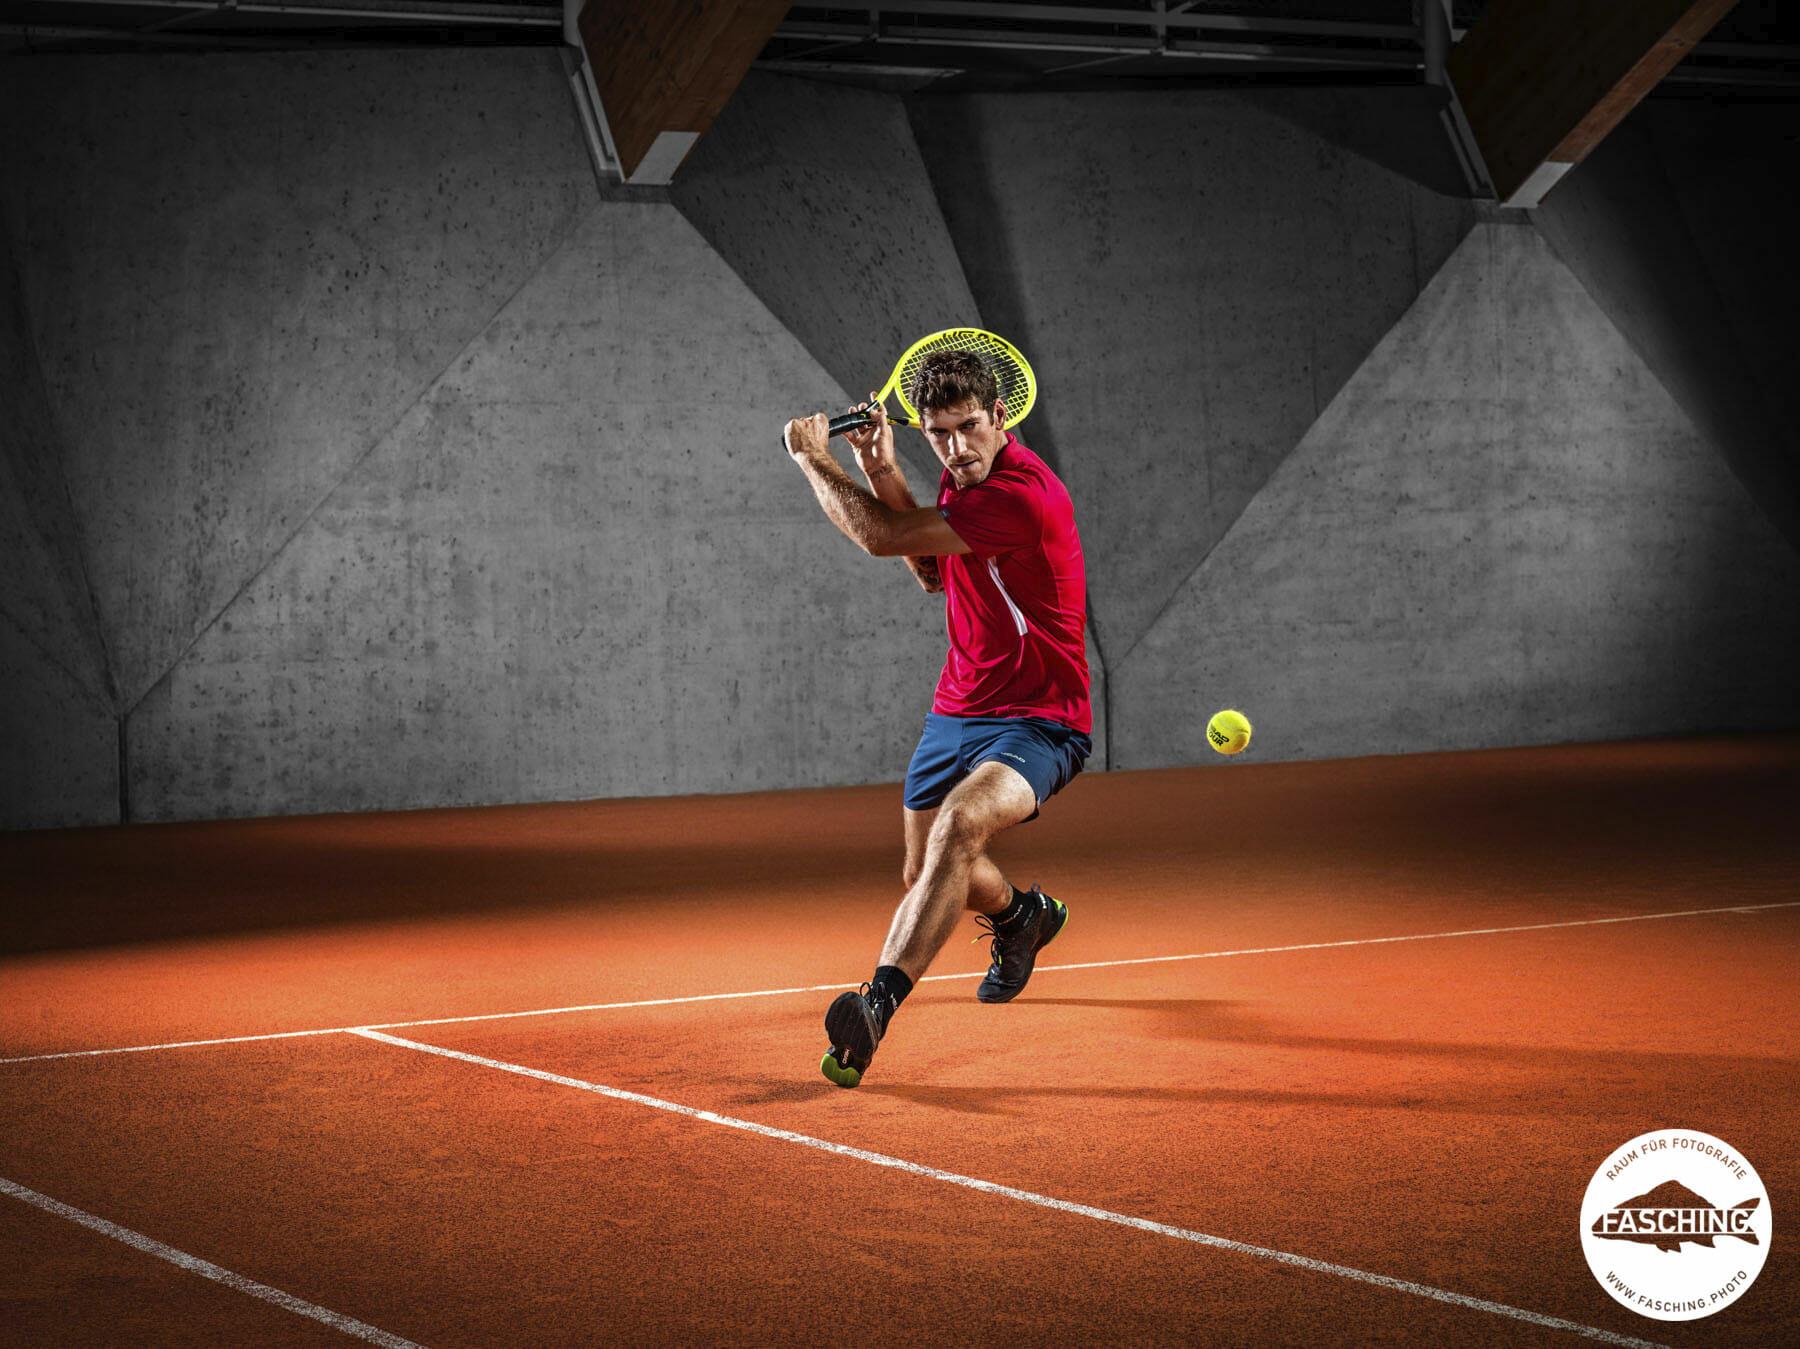 Sportaction, Tennis mit Gerald Melzer